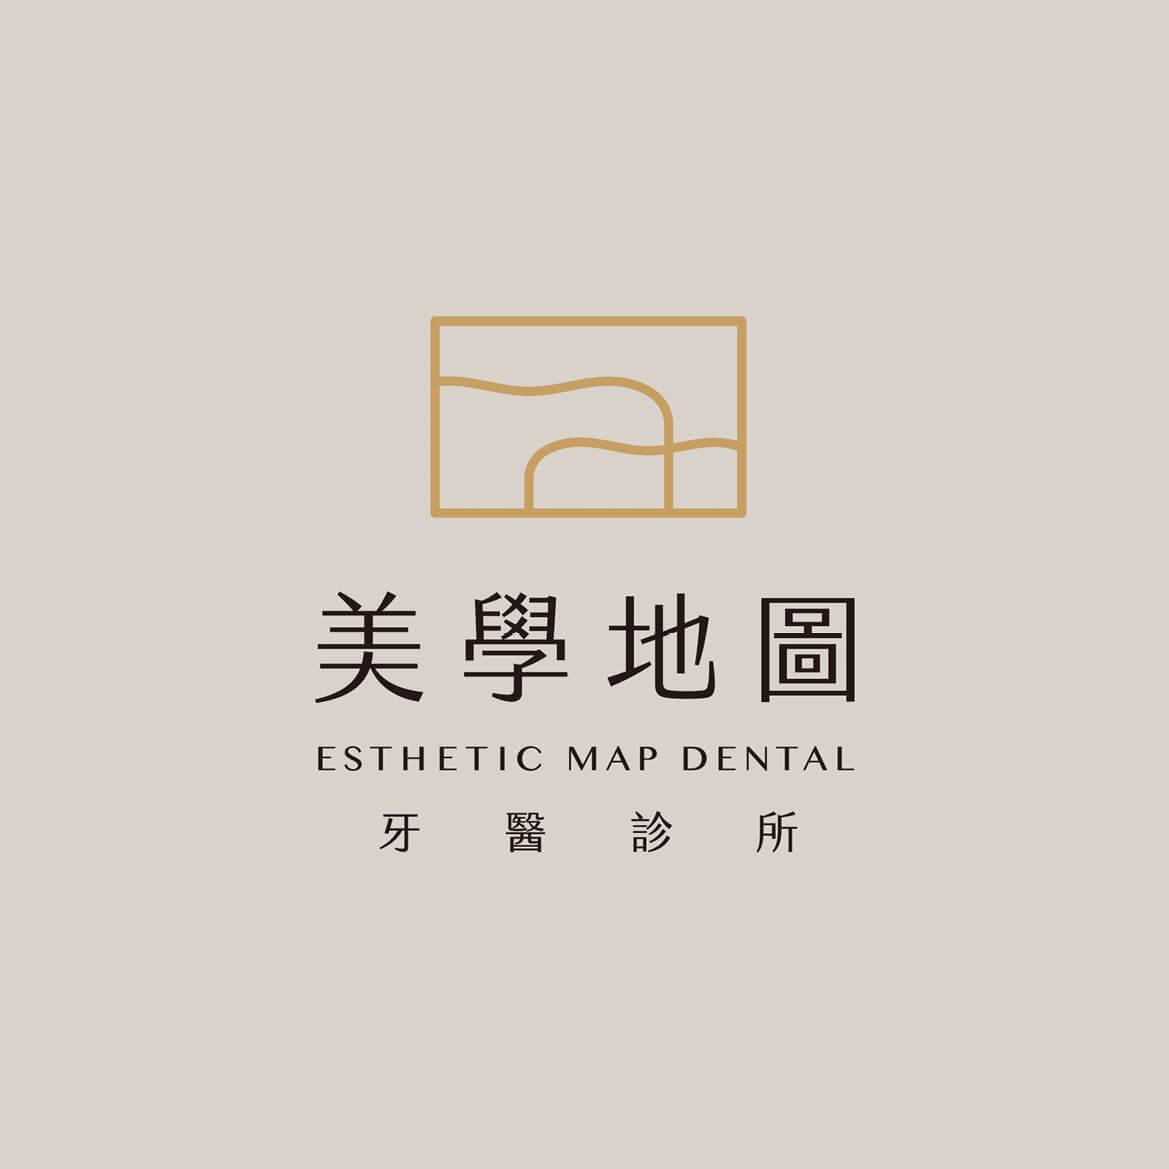 美學地圖牙醫診所